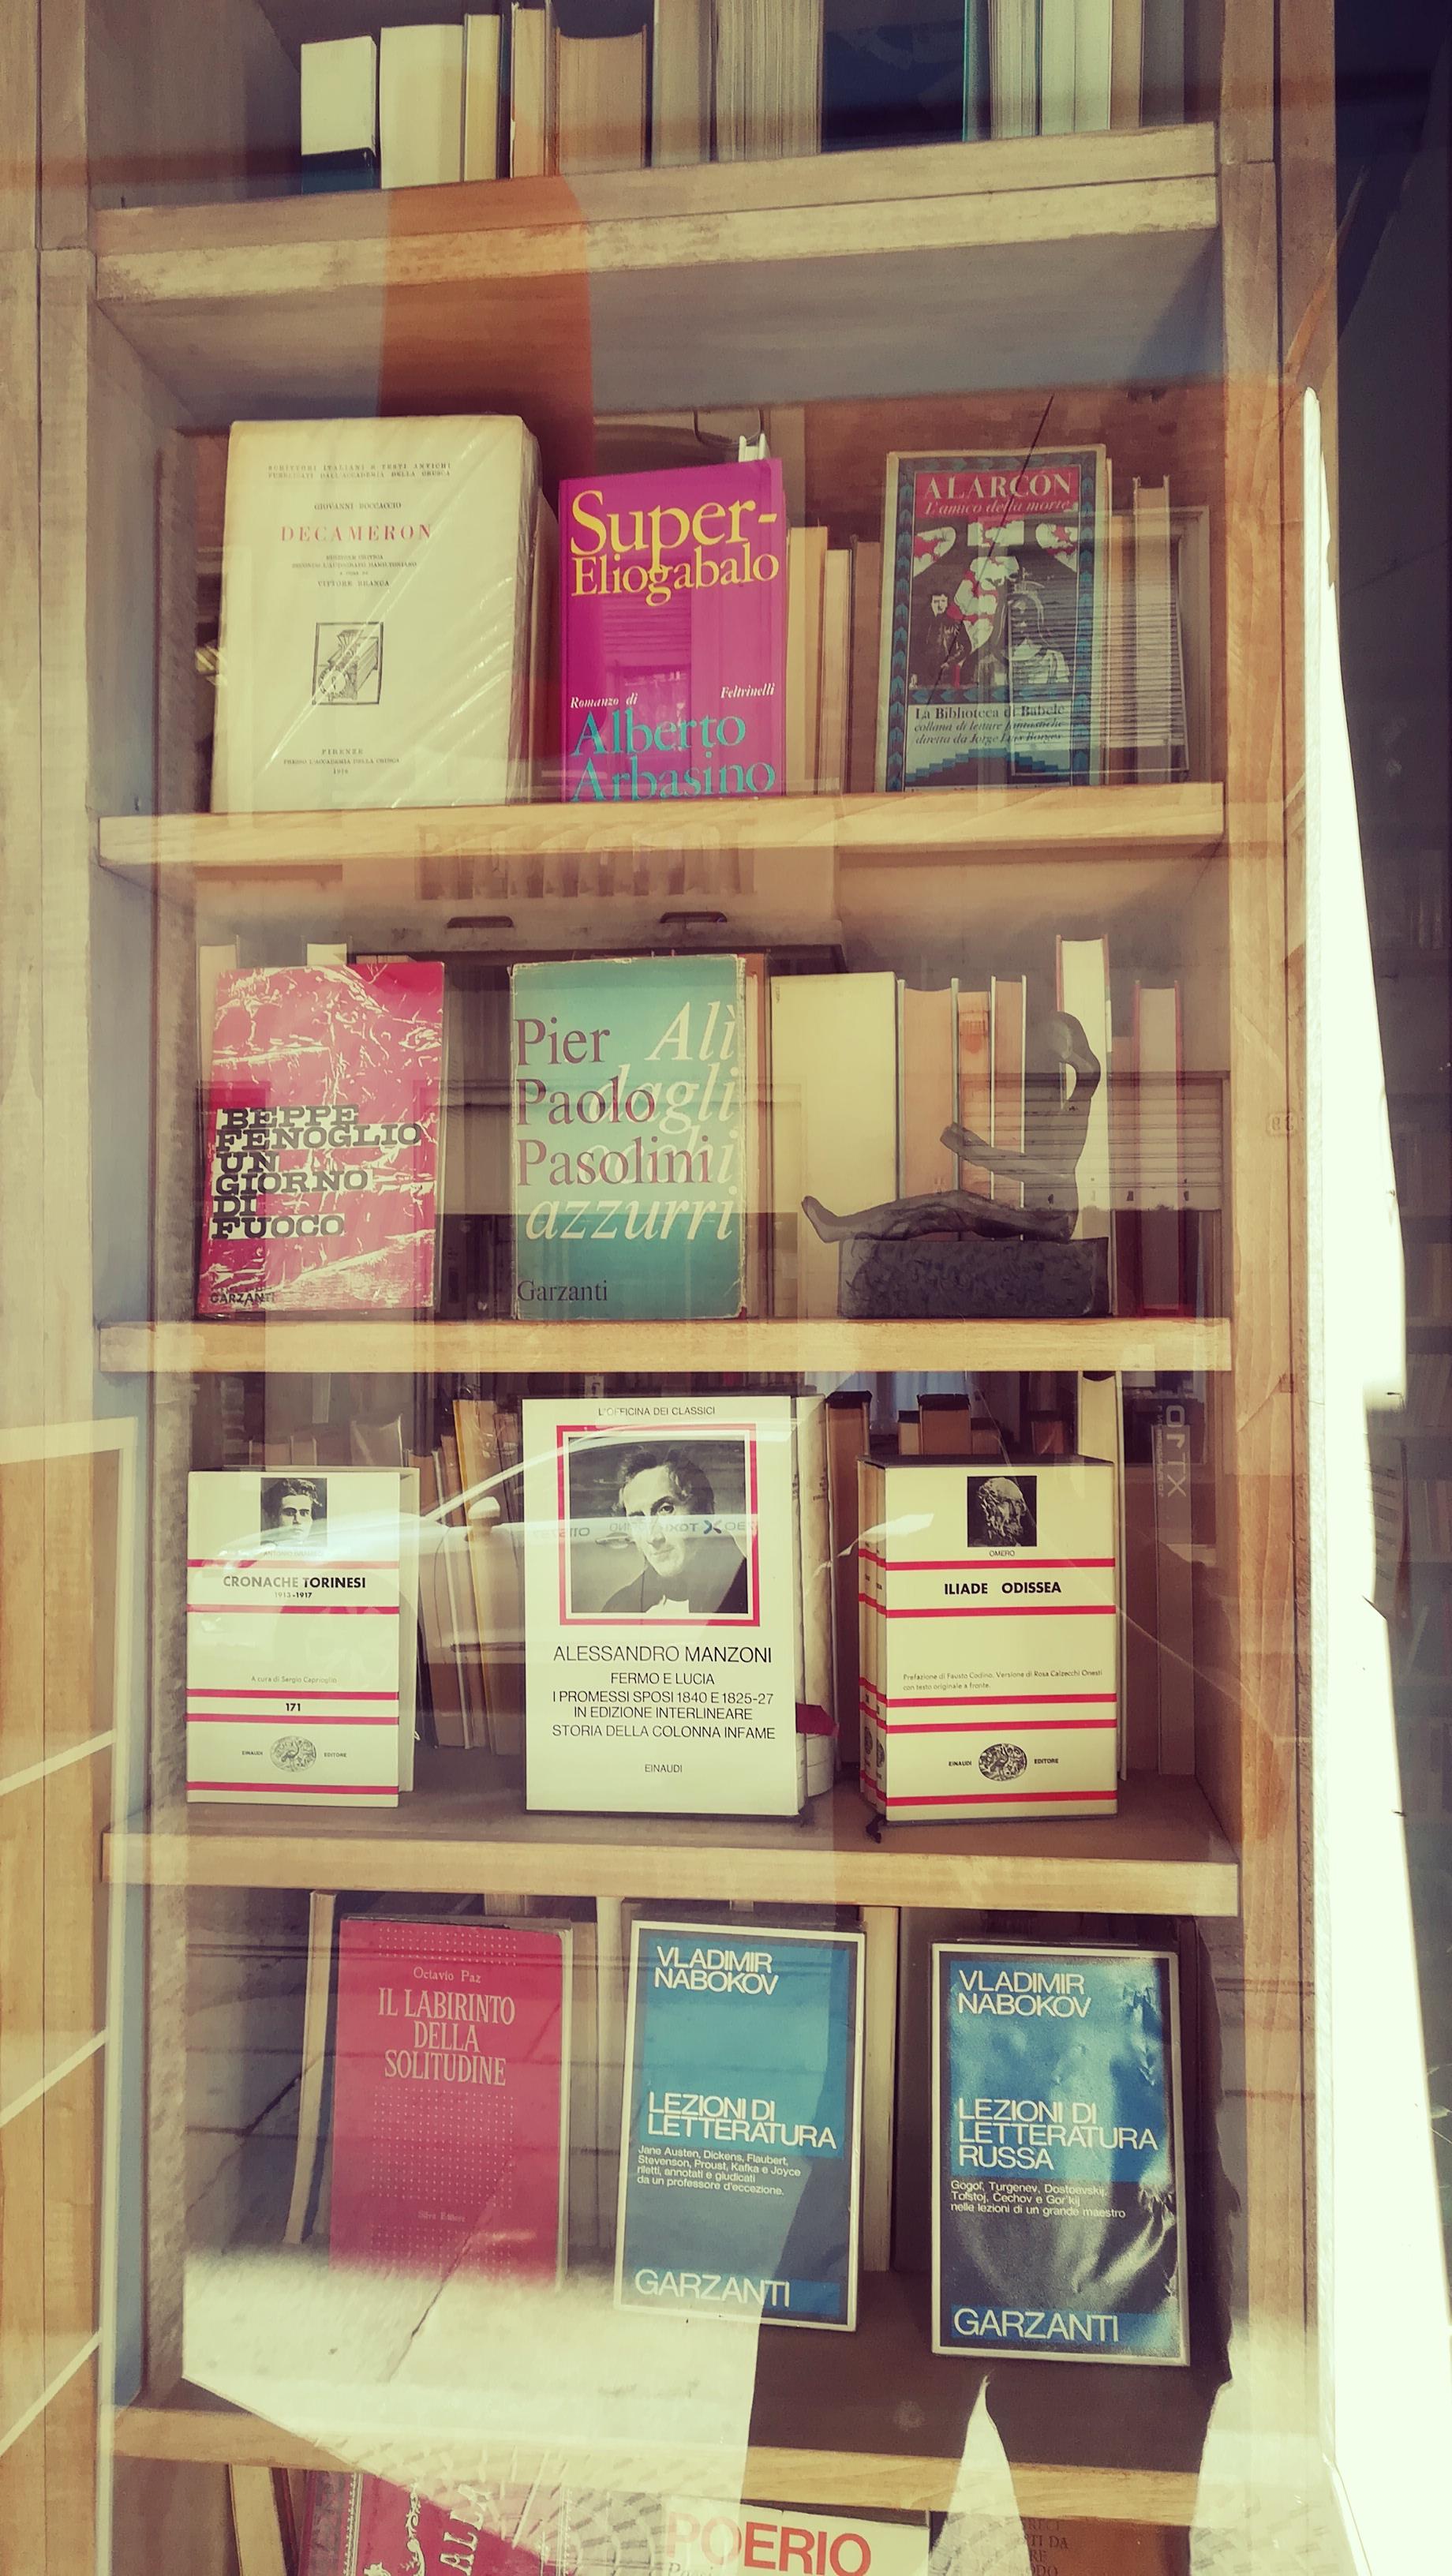 Migliori Libri Interior Design libreria utopia pratica libri usati torino - vetrina